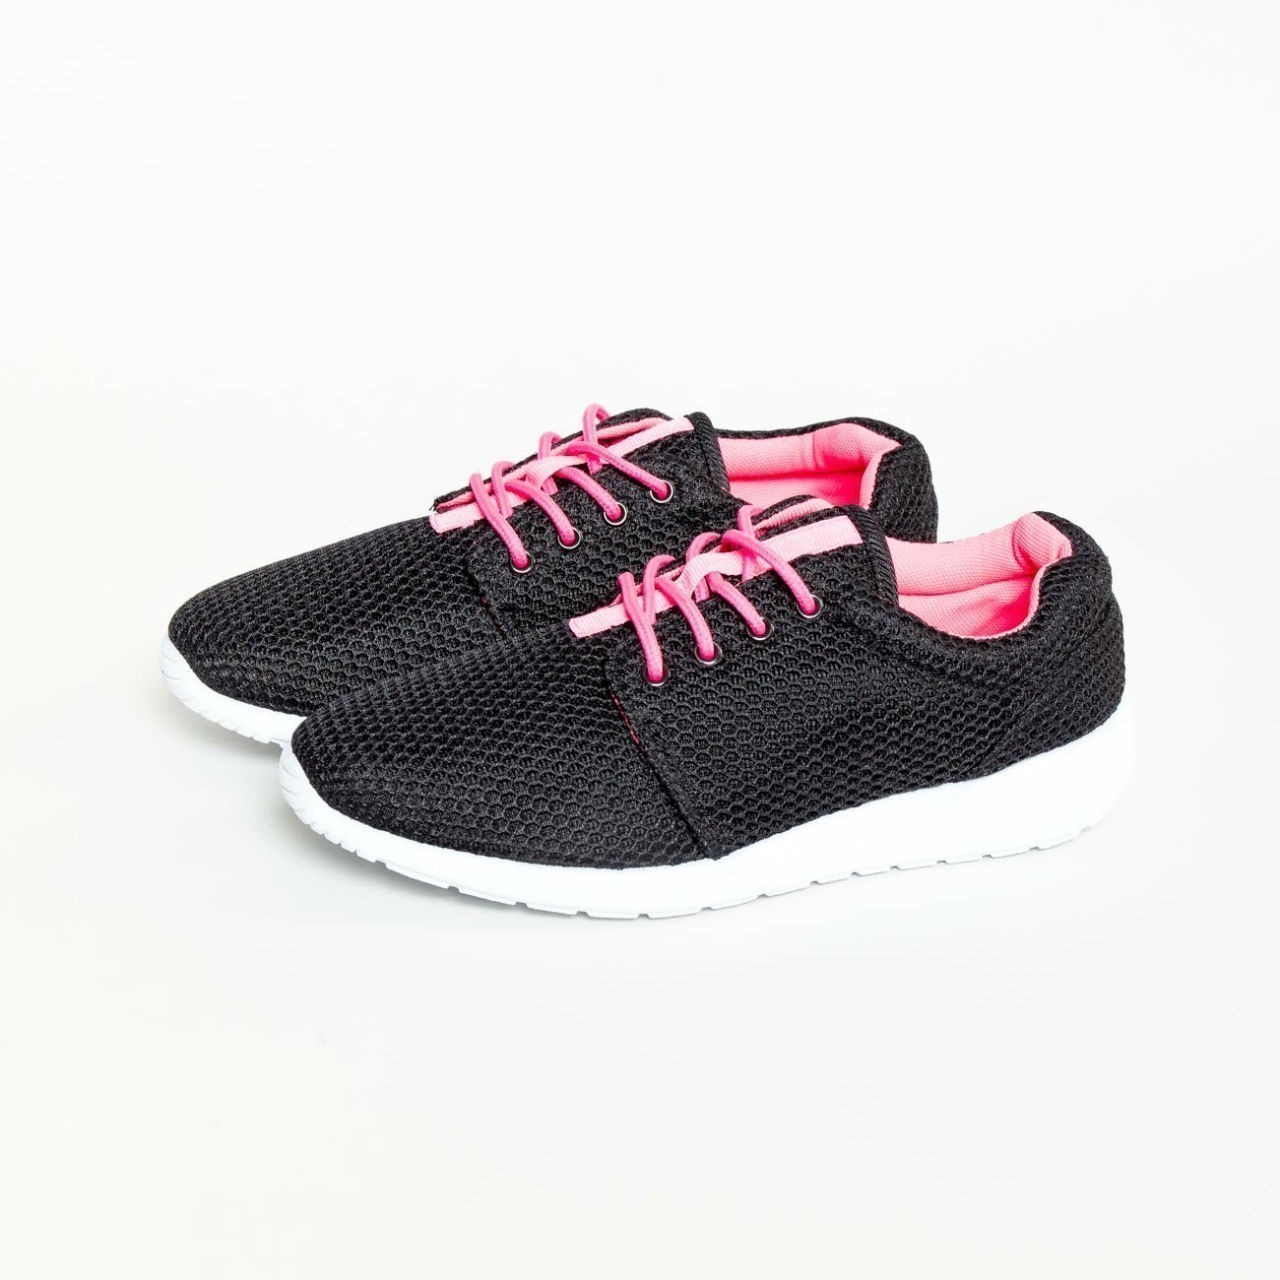 Černé sportovní boty Shana - 36